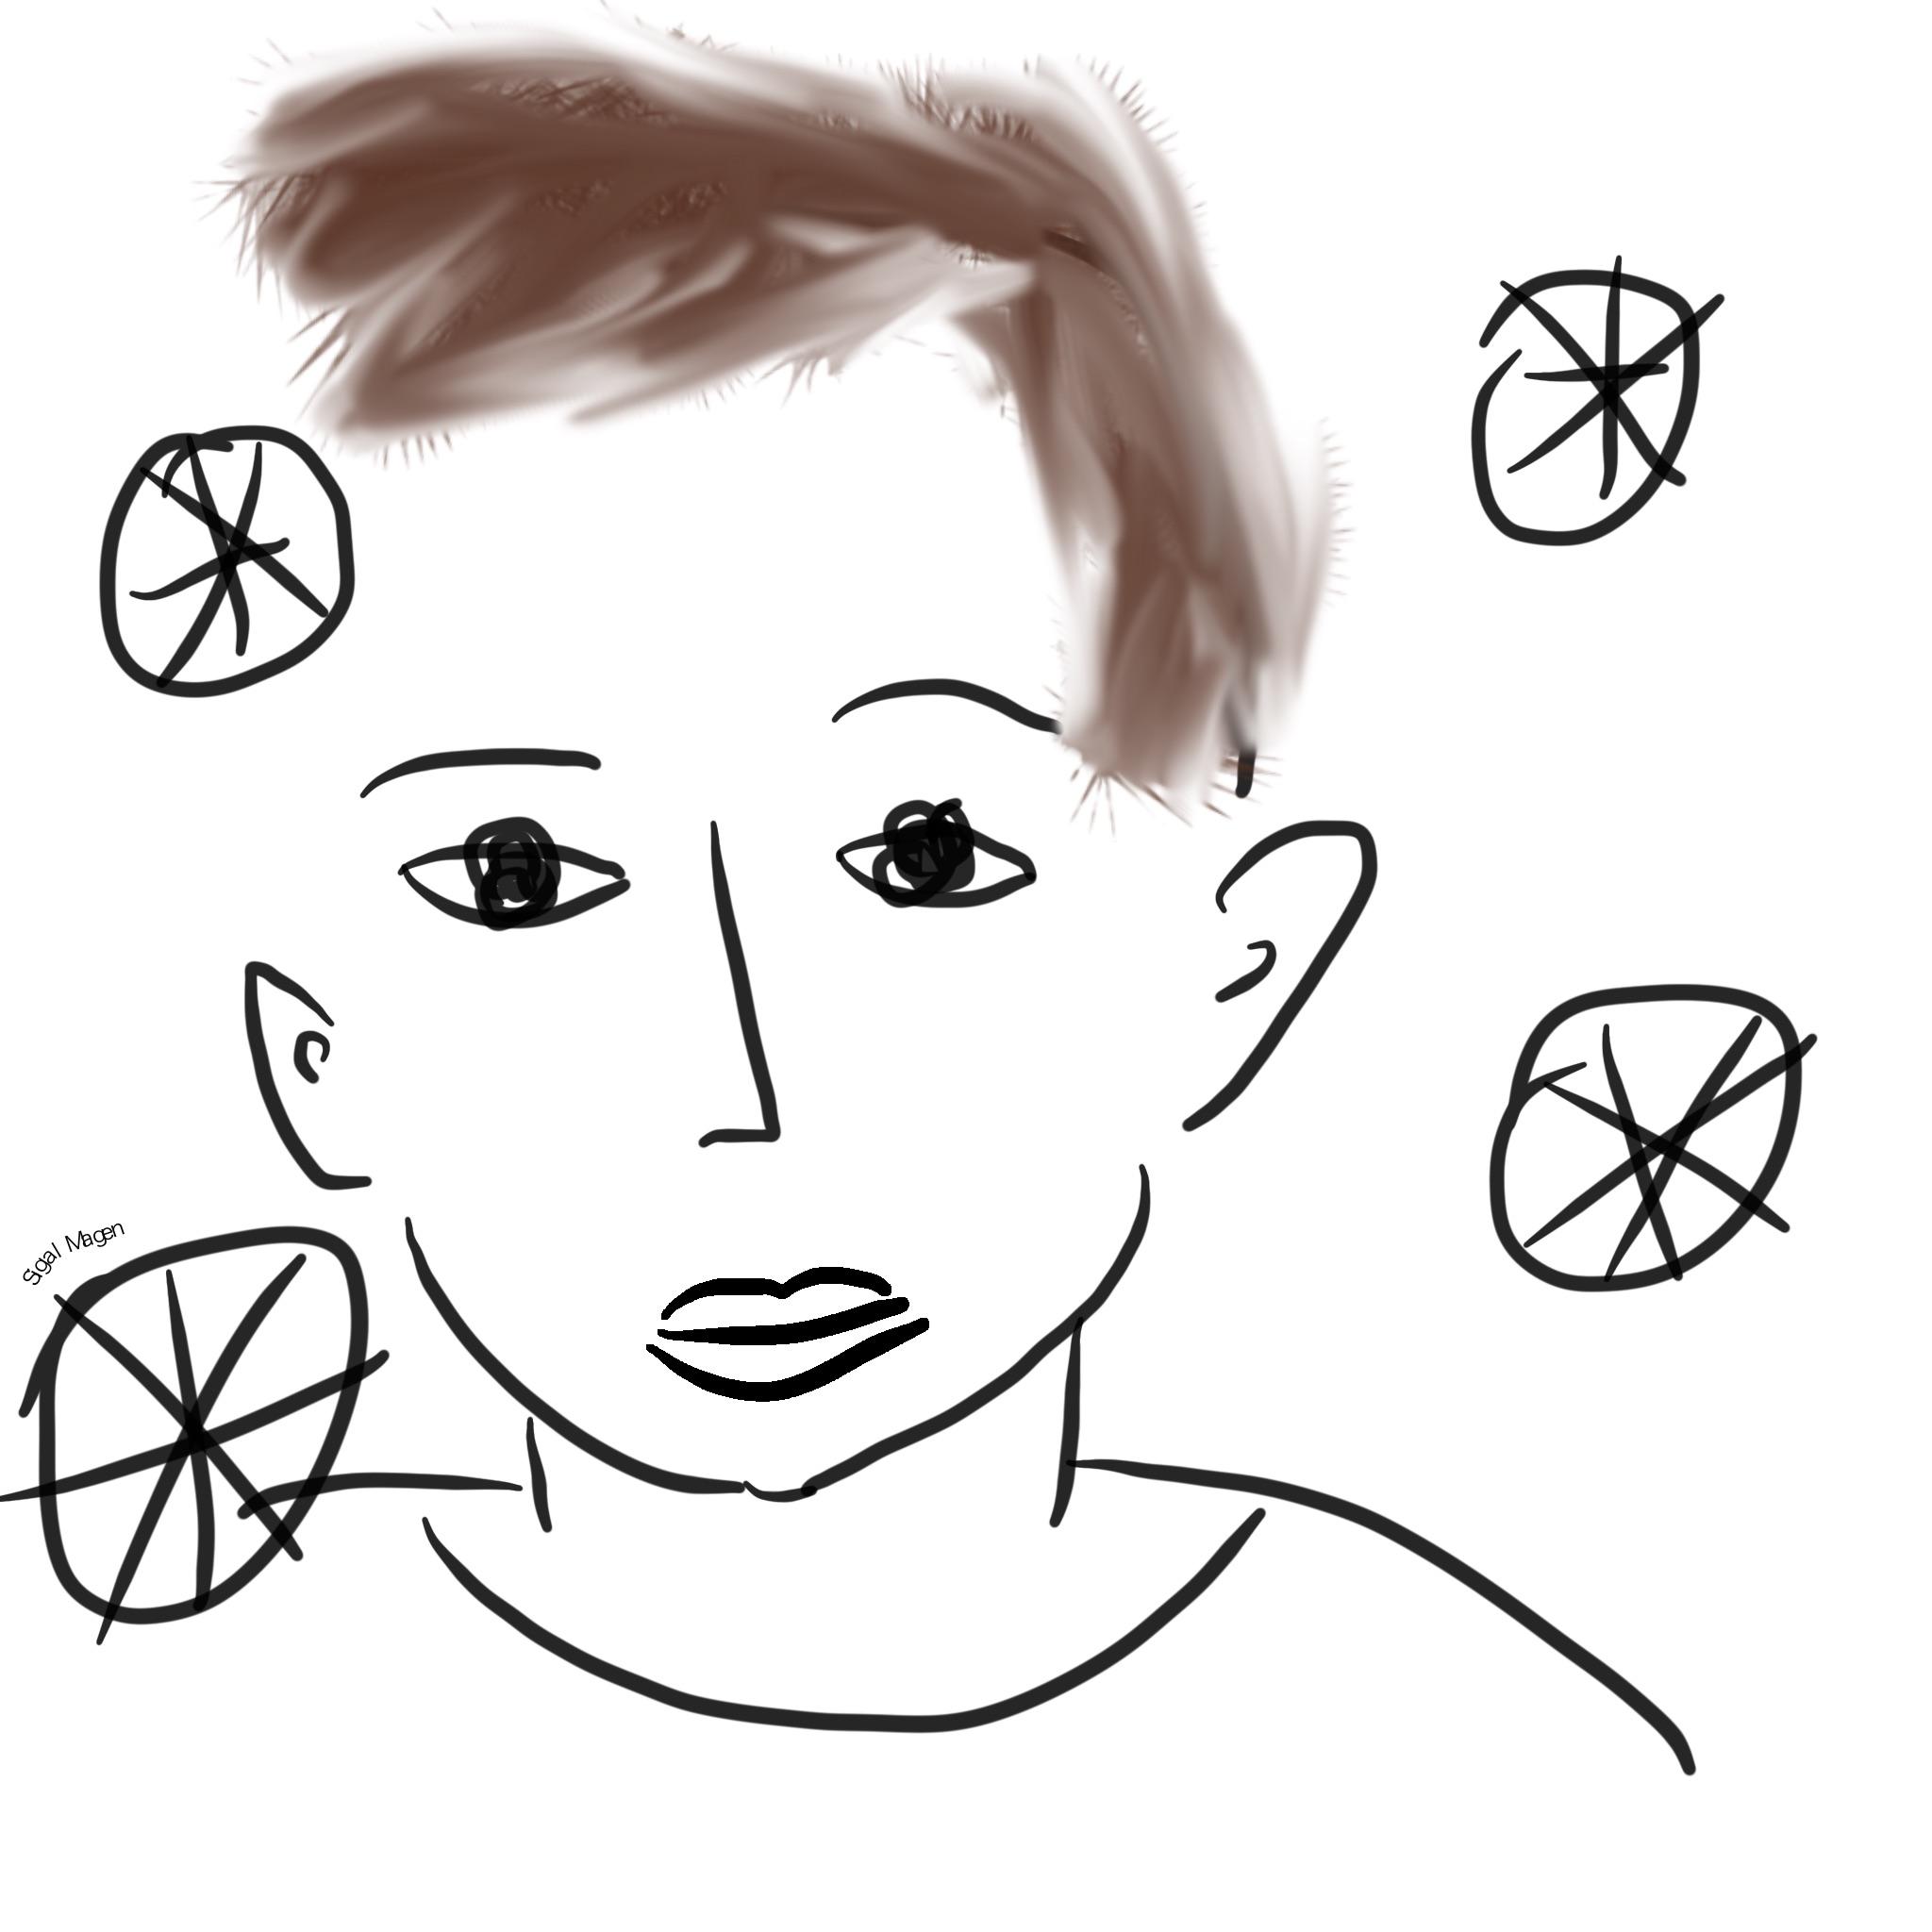 כפיר בן שלוש by Sigal Magen - Illustrated by ציורים: סיגל מגן ומאי וולשטיין - Ourboox.com